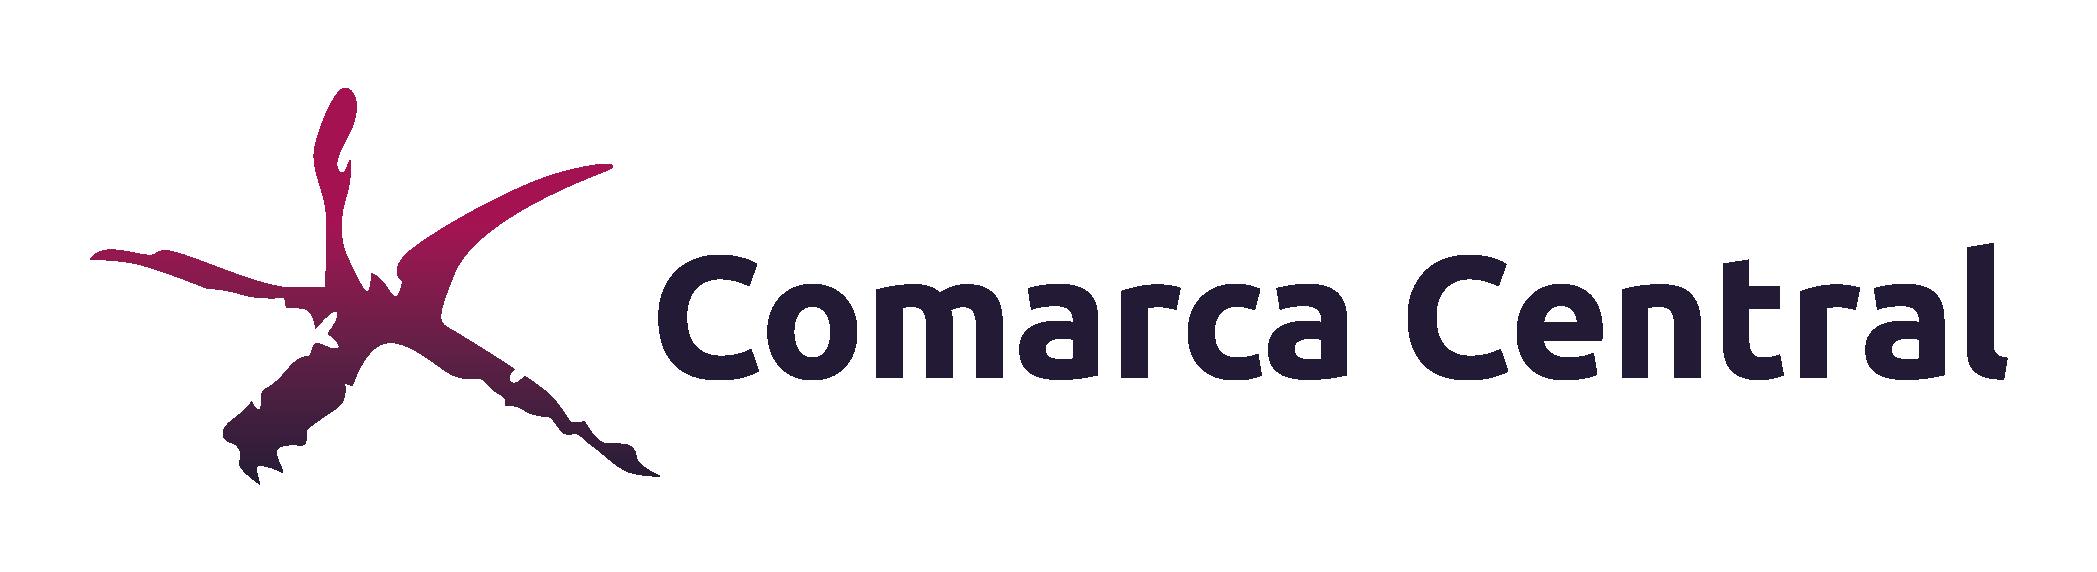 Logotipo Comarca Central_Horizontal